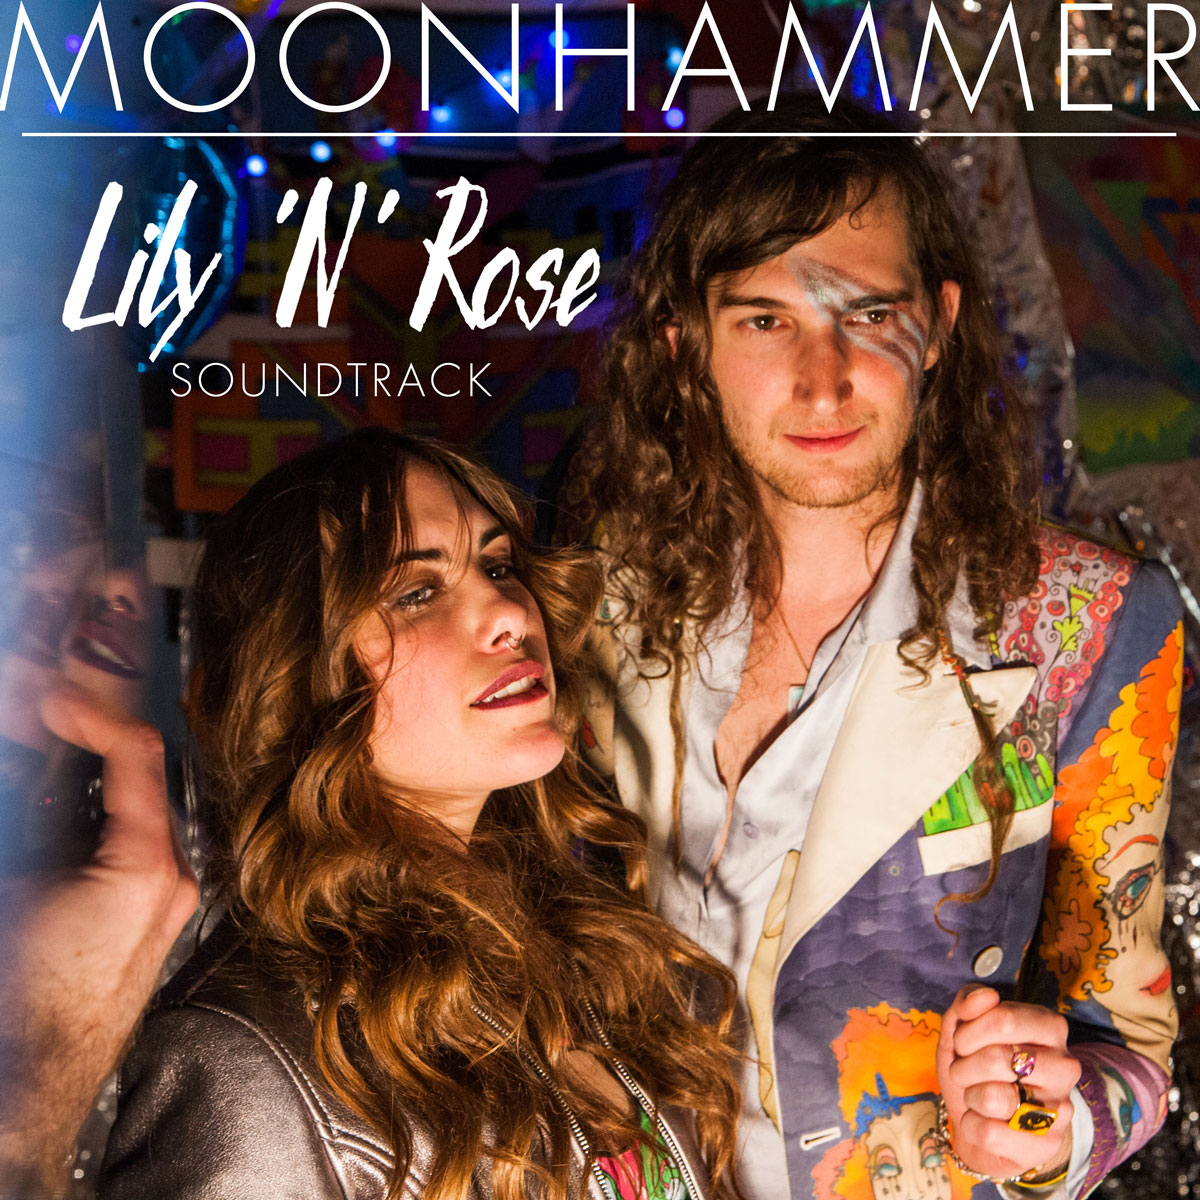 LnR-MoonHammer-Soundtrack.jpg